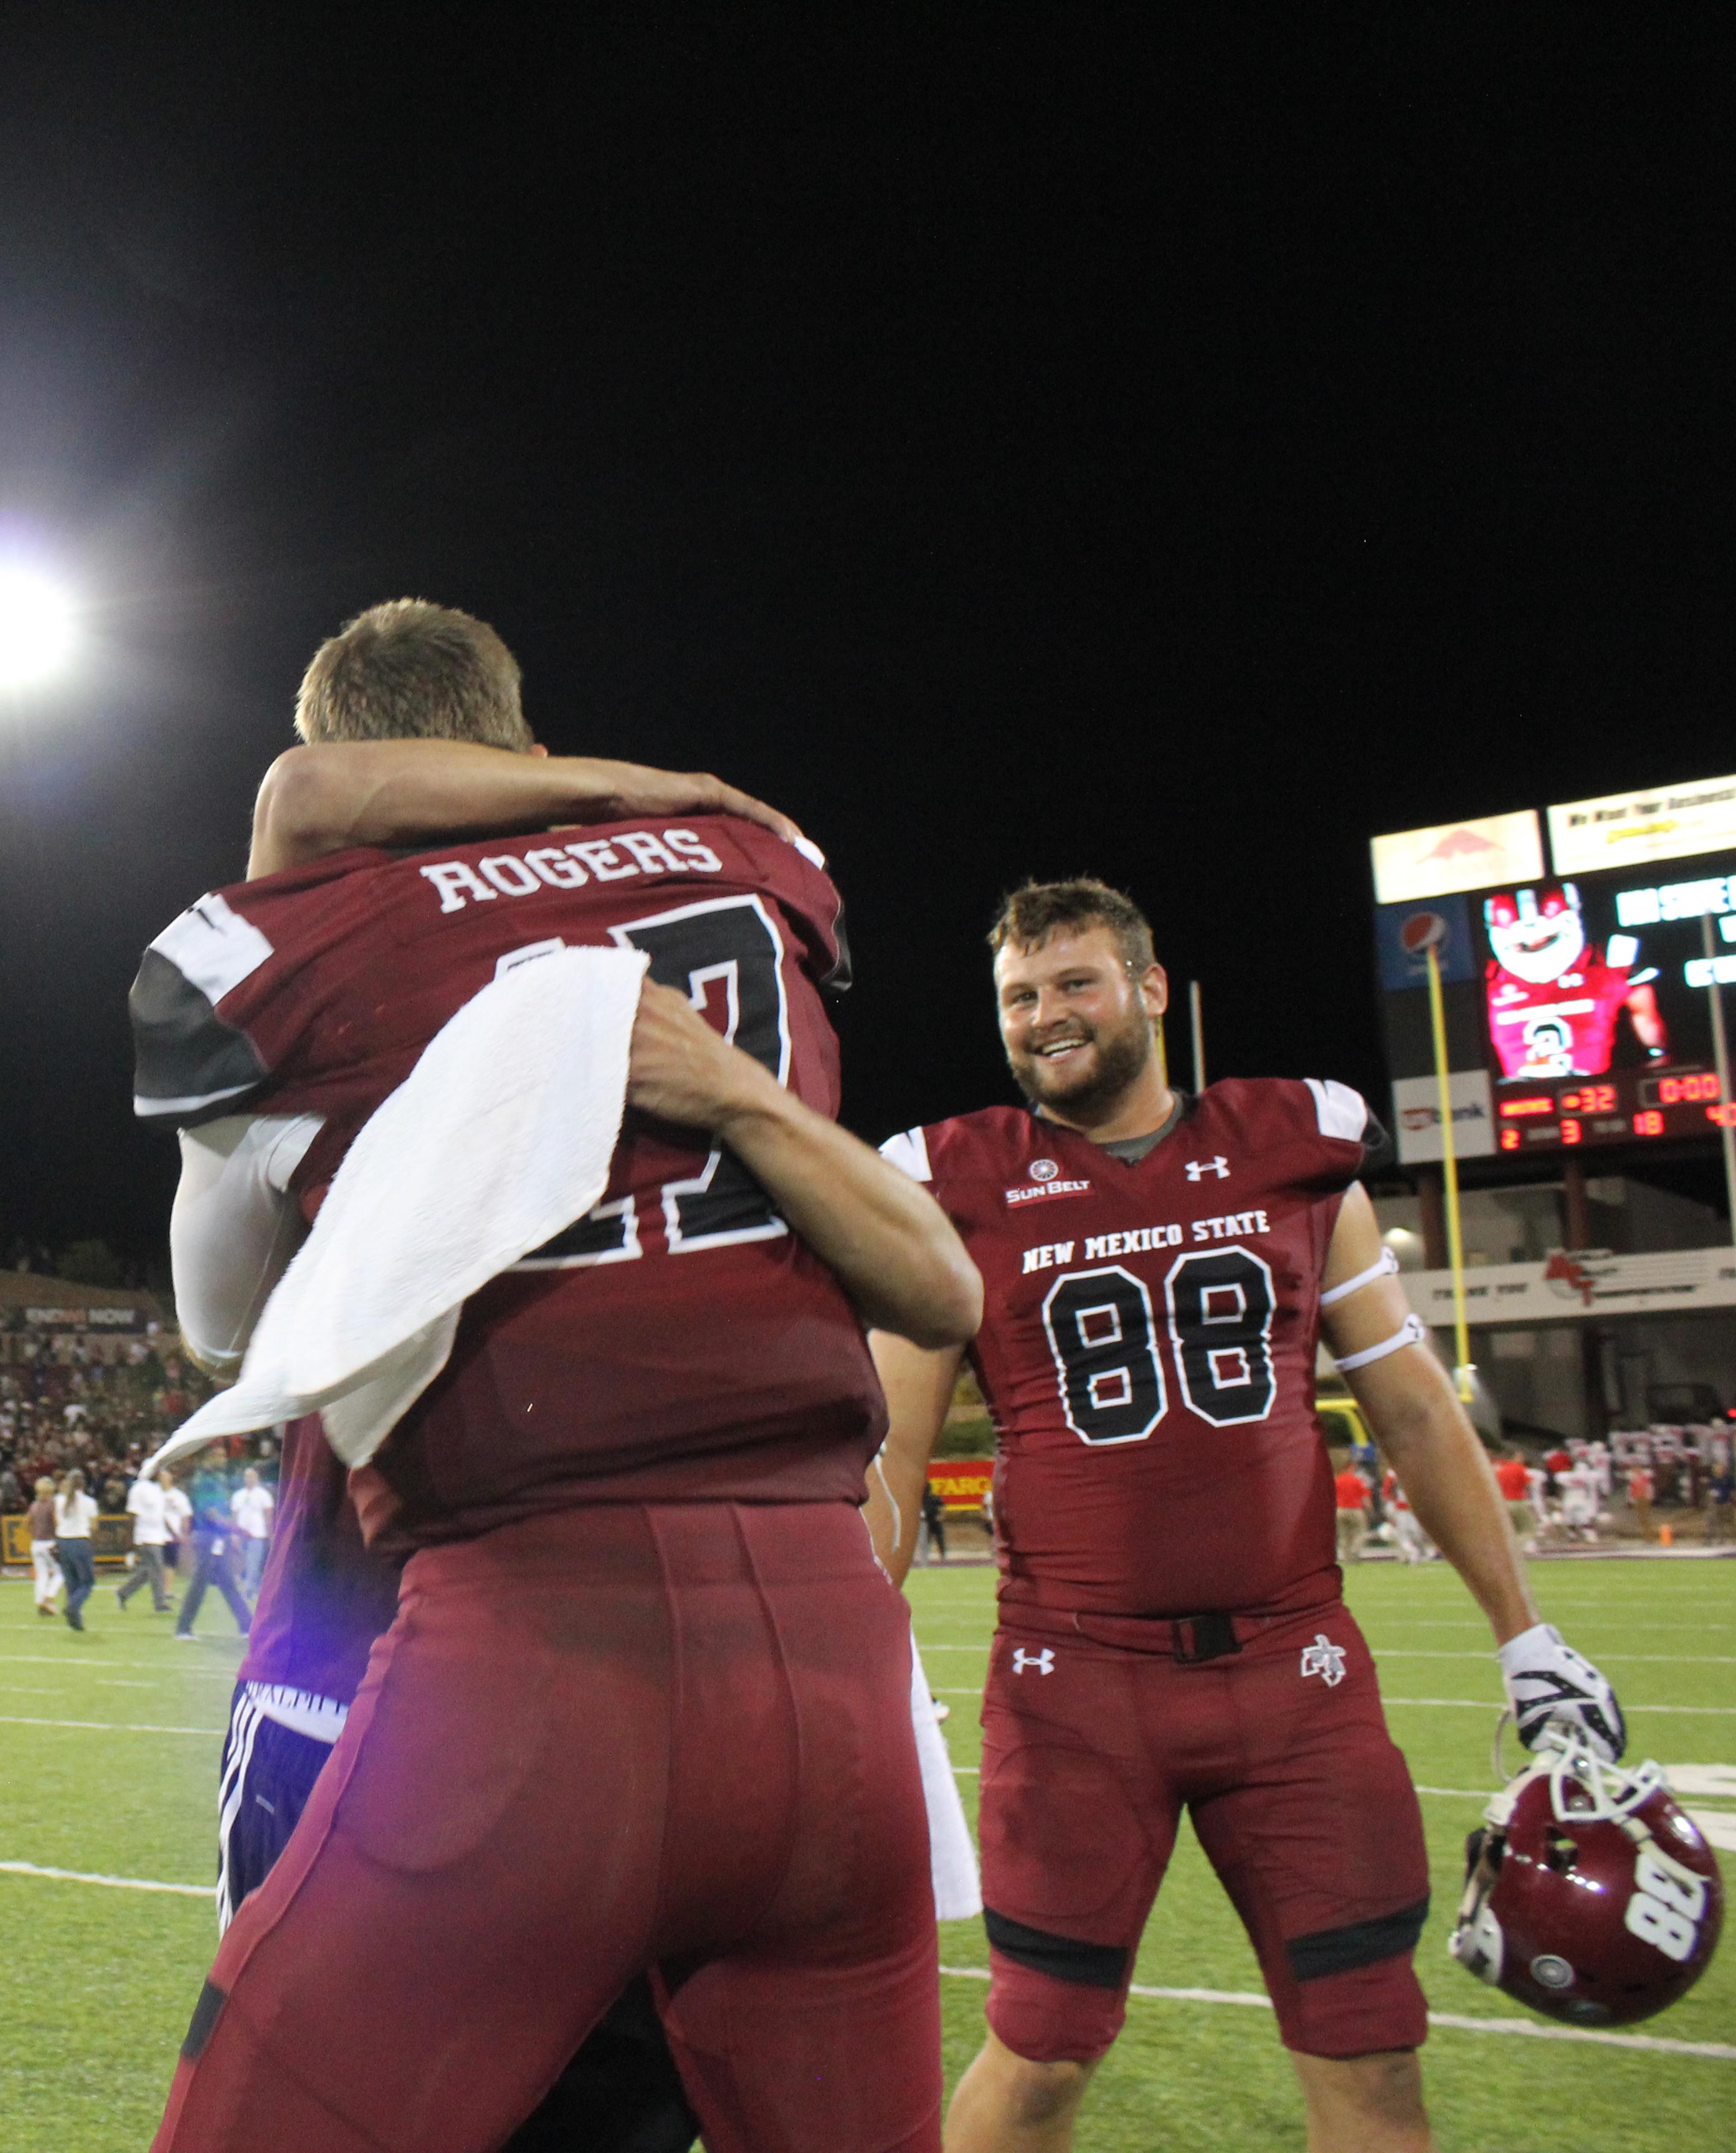 NMSU defeated UNM 30-28 Saturday night in Albuquerque.